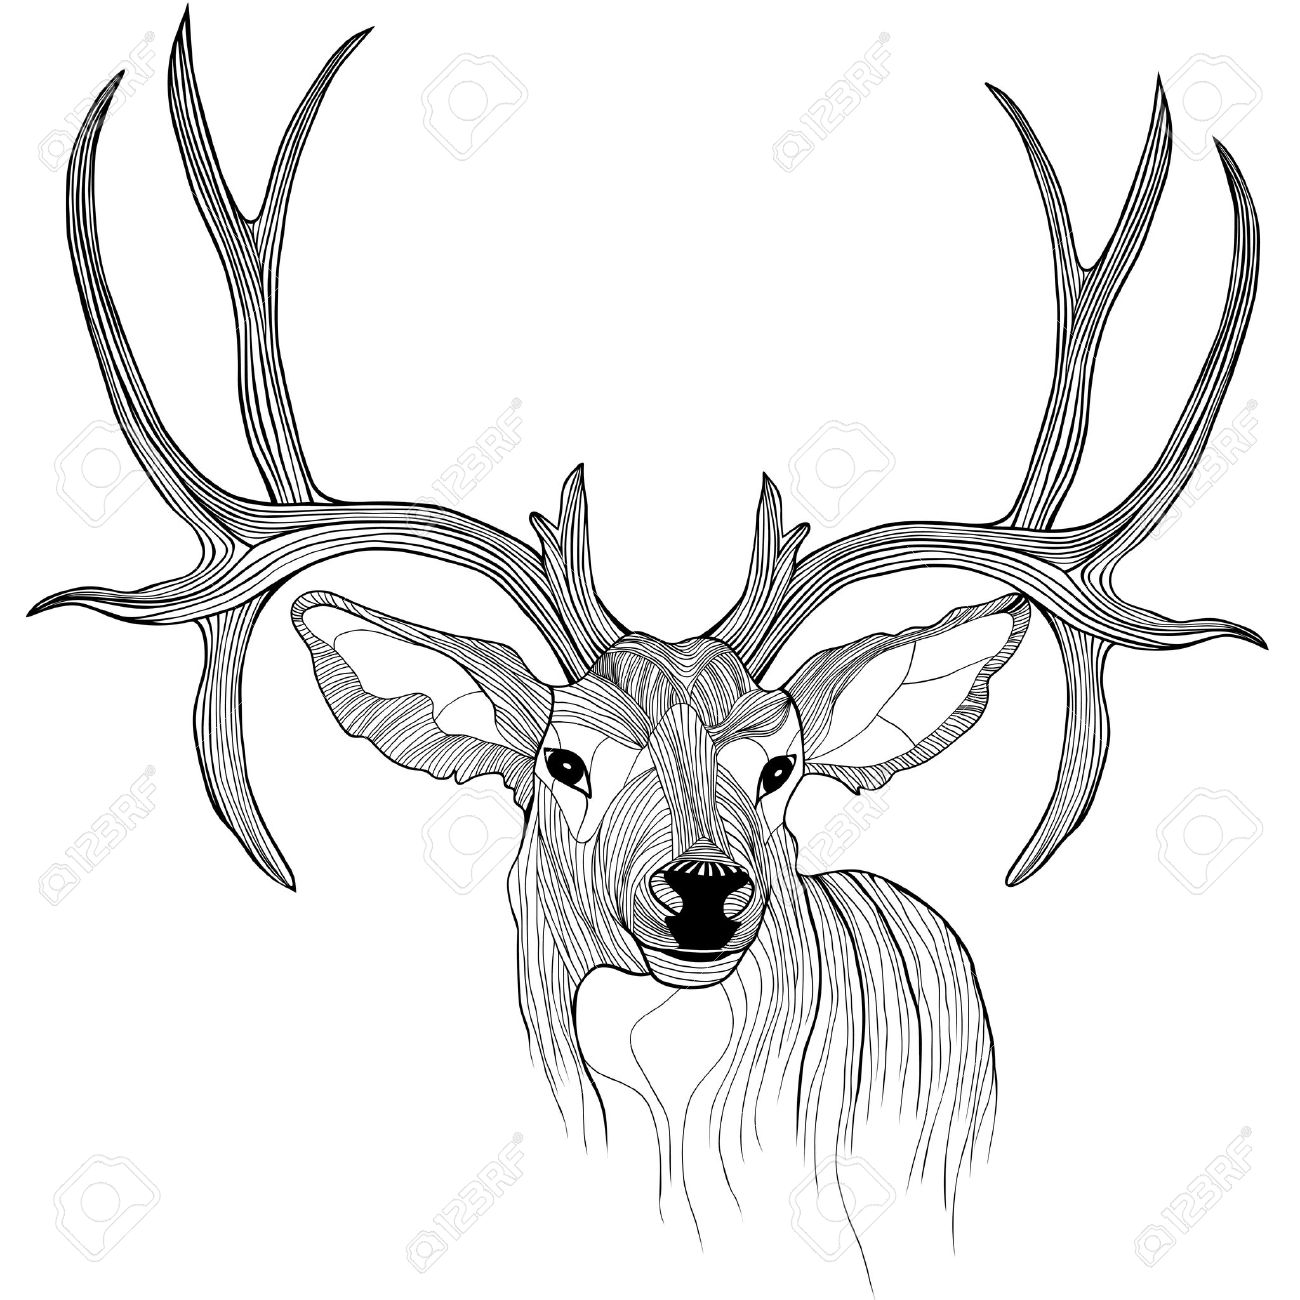 Croquis Tatouage cerfs illustration animale de tête de t-shirts conception de